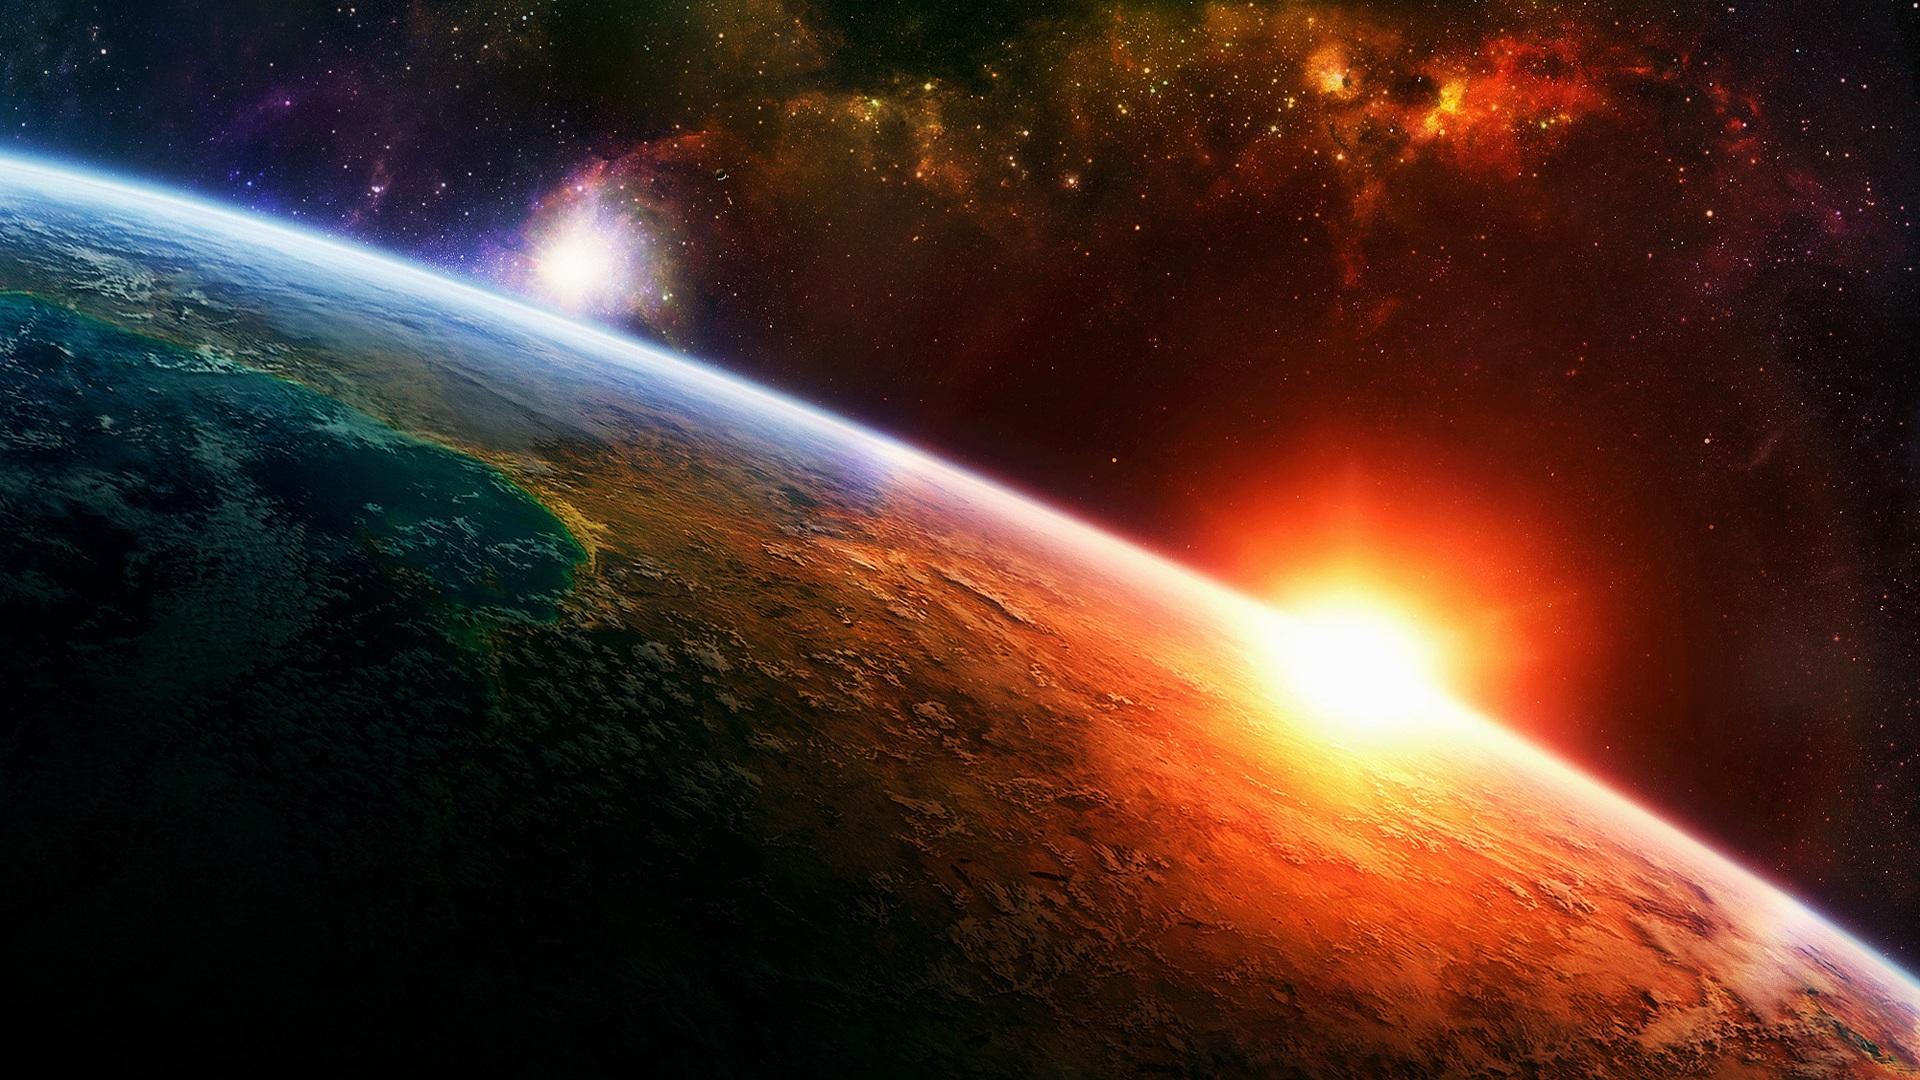 Weltraum Universum Hintergrund Fotografie